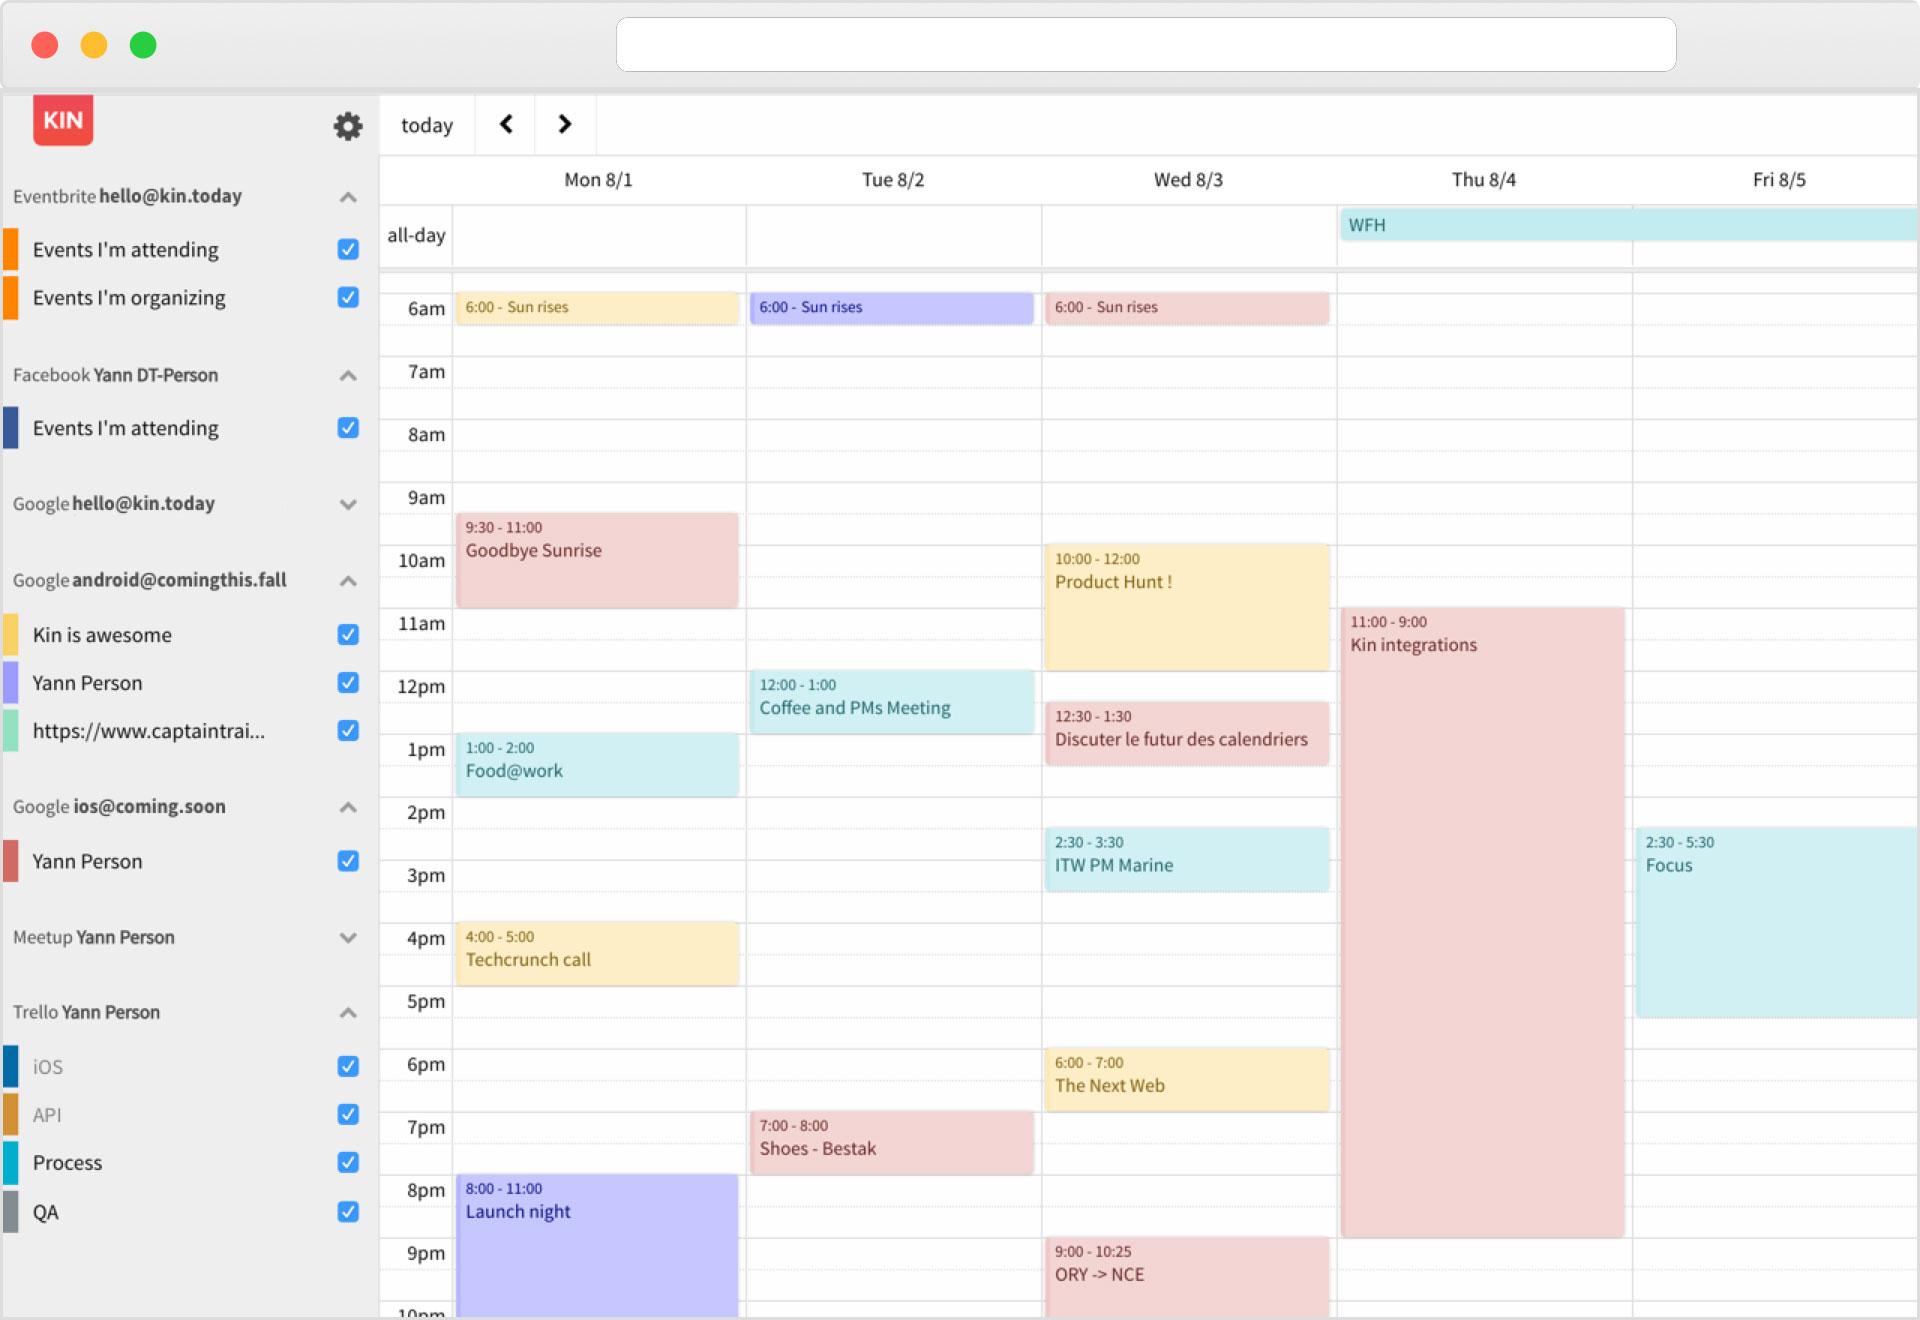 kin-calendar-web-app-beta